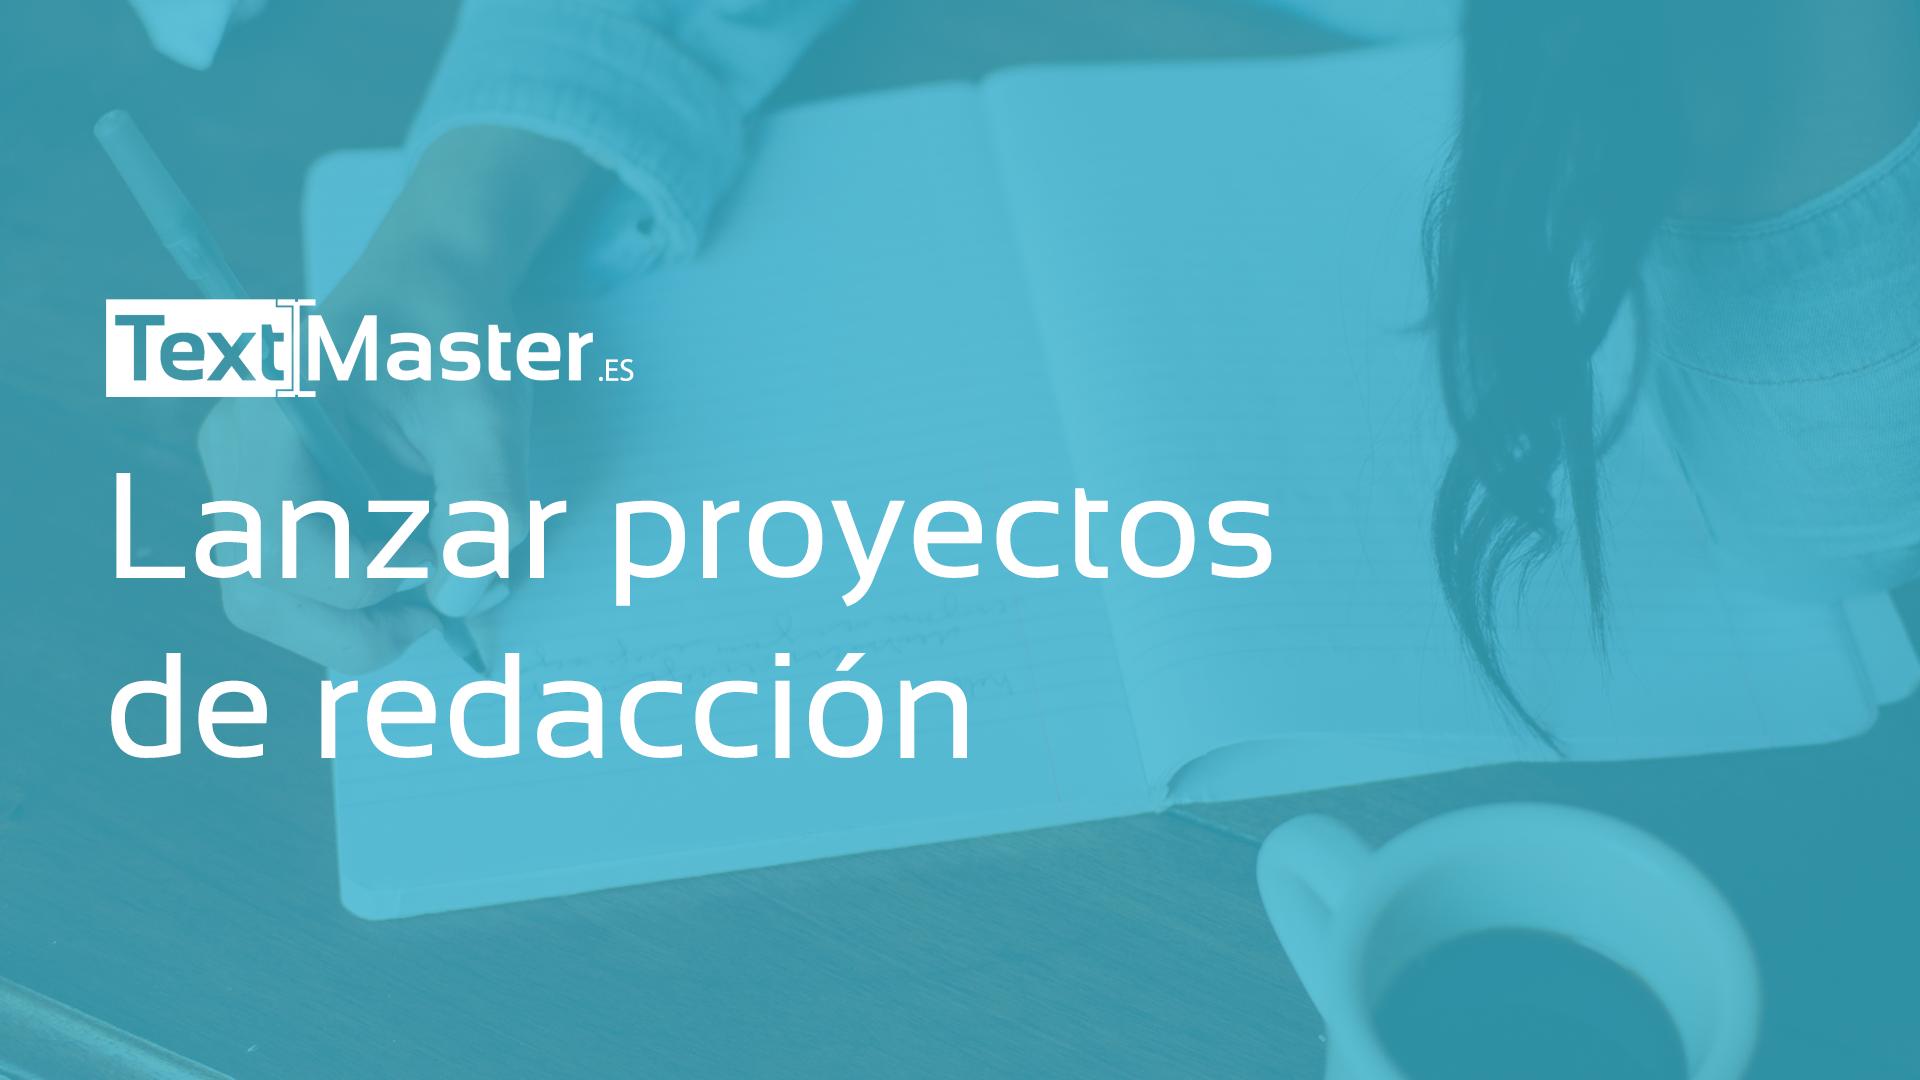 Lanzar proyectos de redaccion